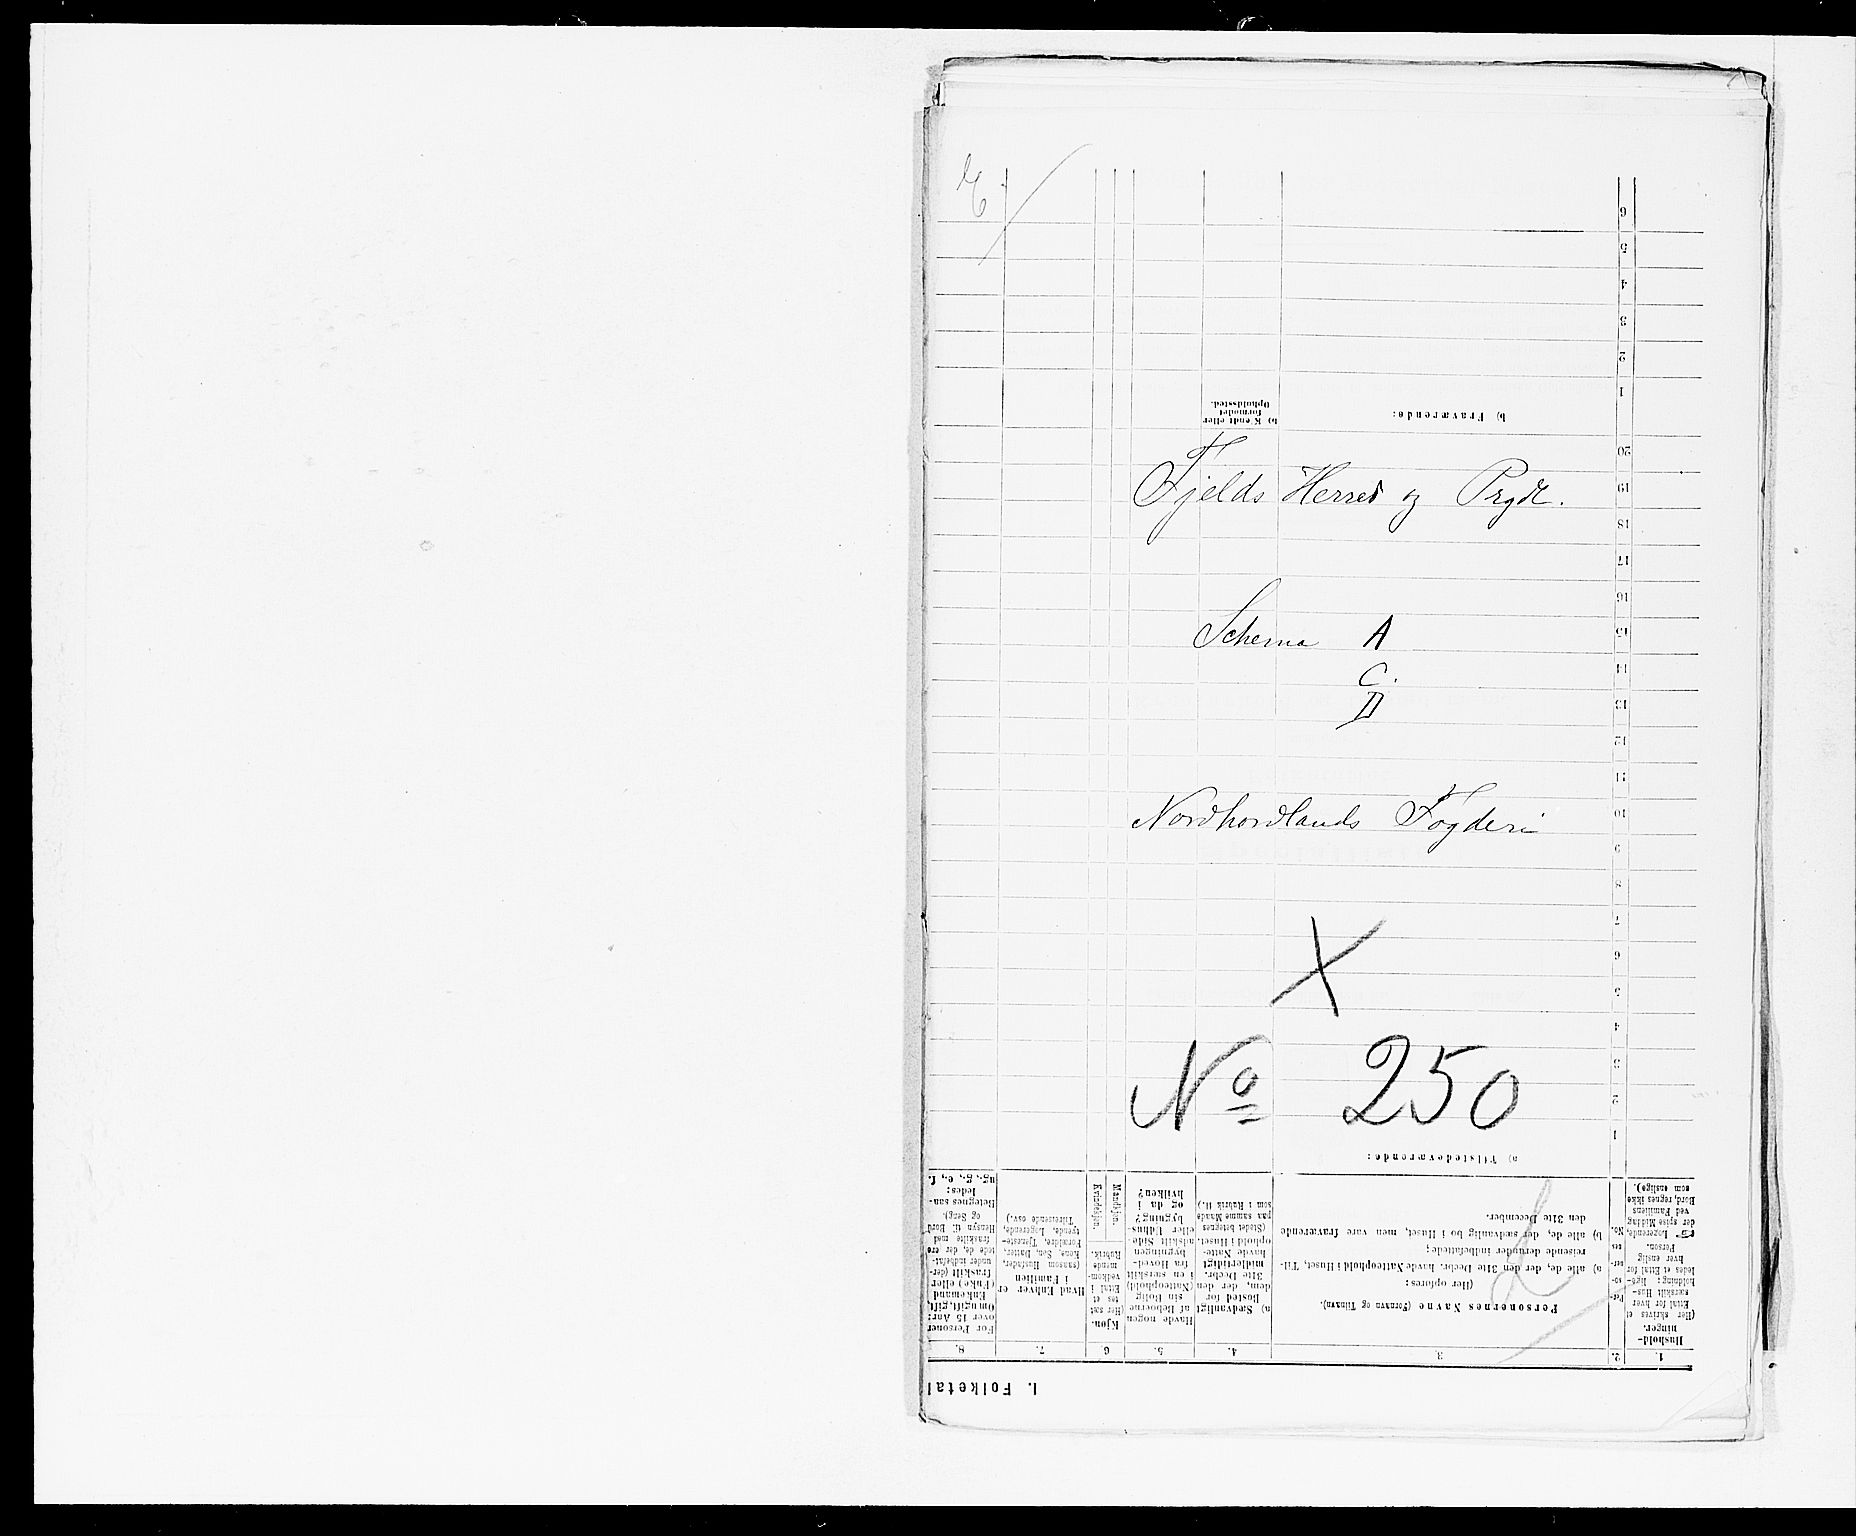 SAB, Folketelling 1875 for 1246P Fjell prestegjeld, 1875, s. 1